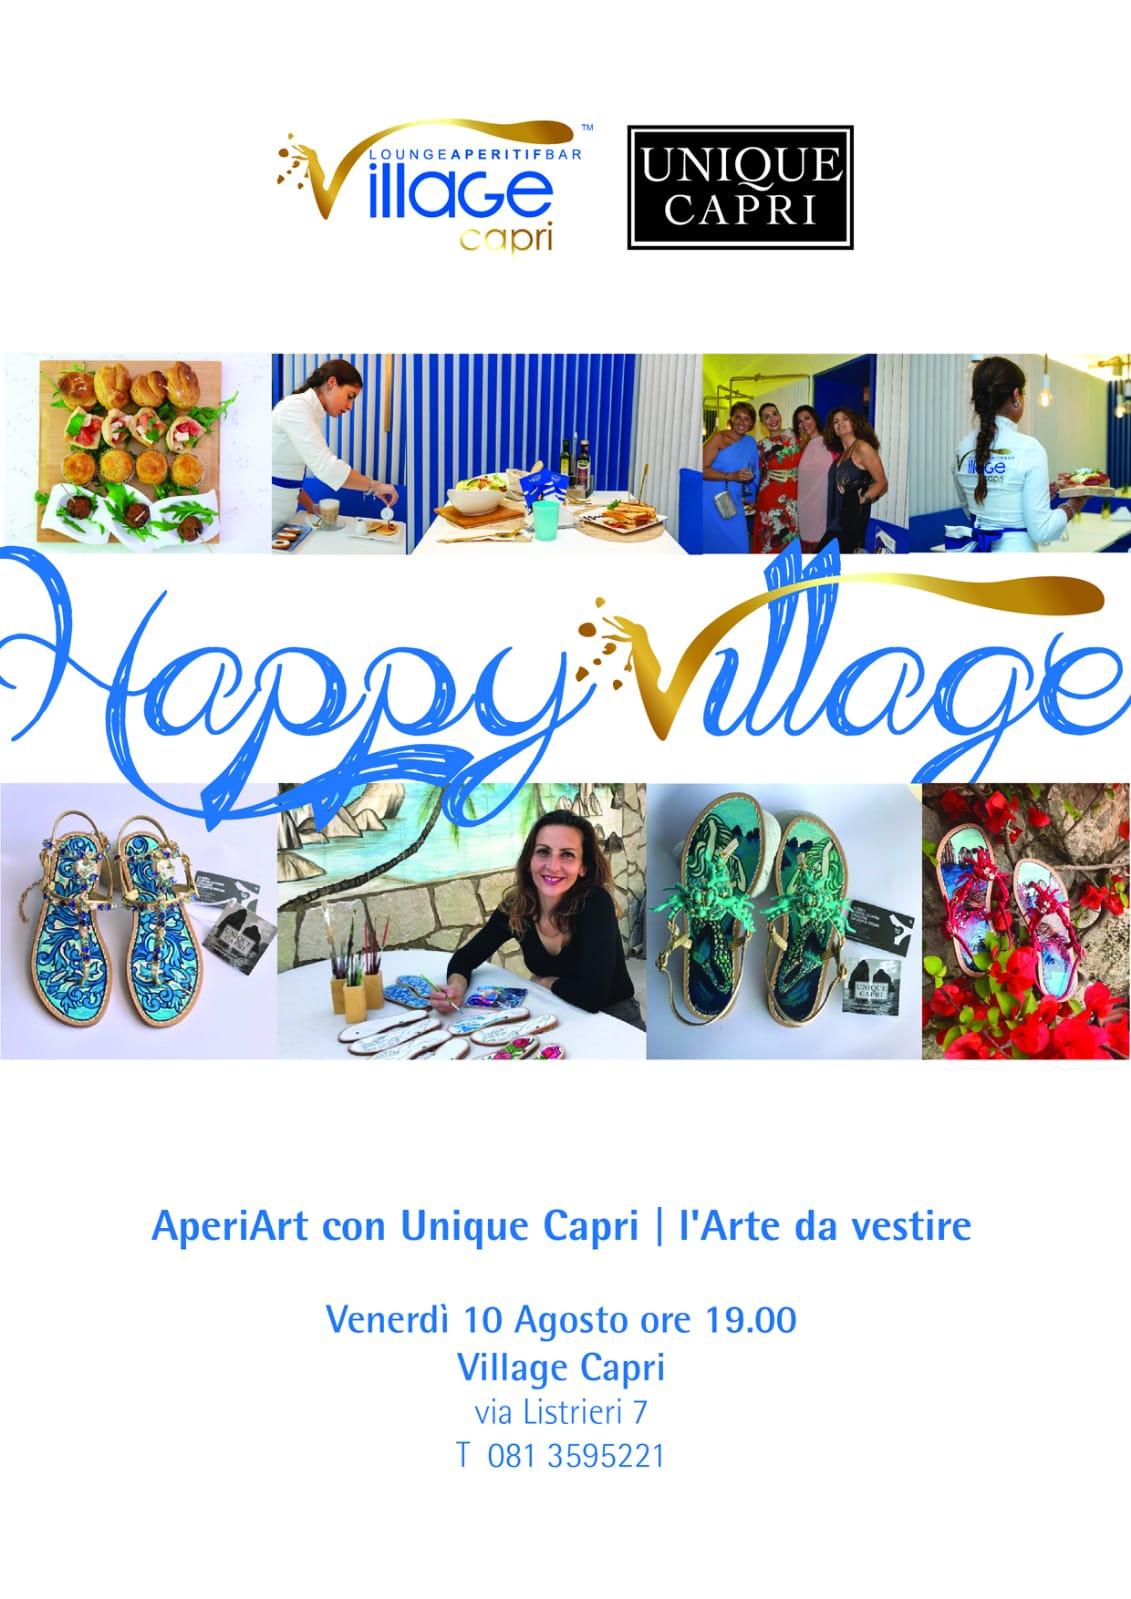 Capri. Aperitivo ed Arte da Happy Village con le creazioni di Unique Capri